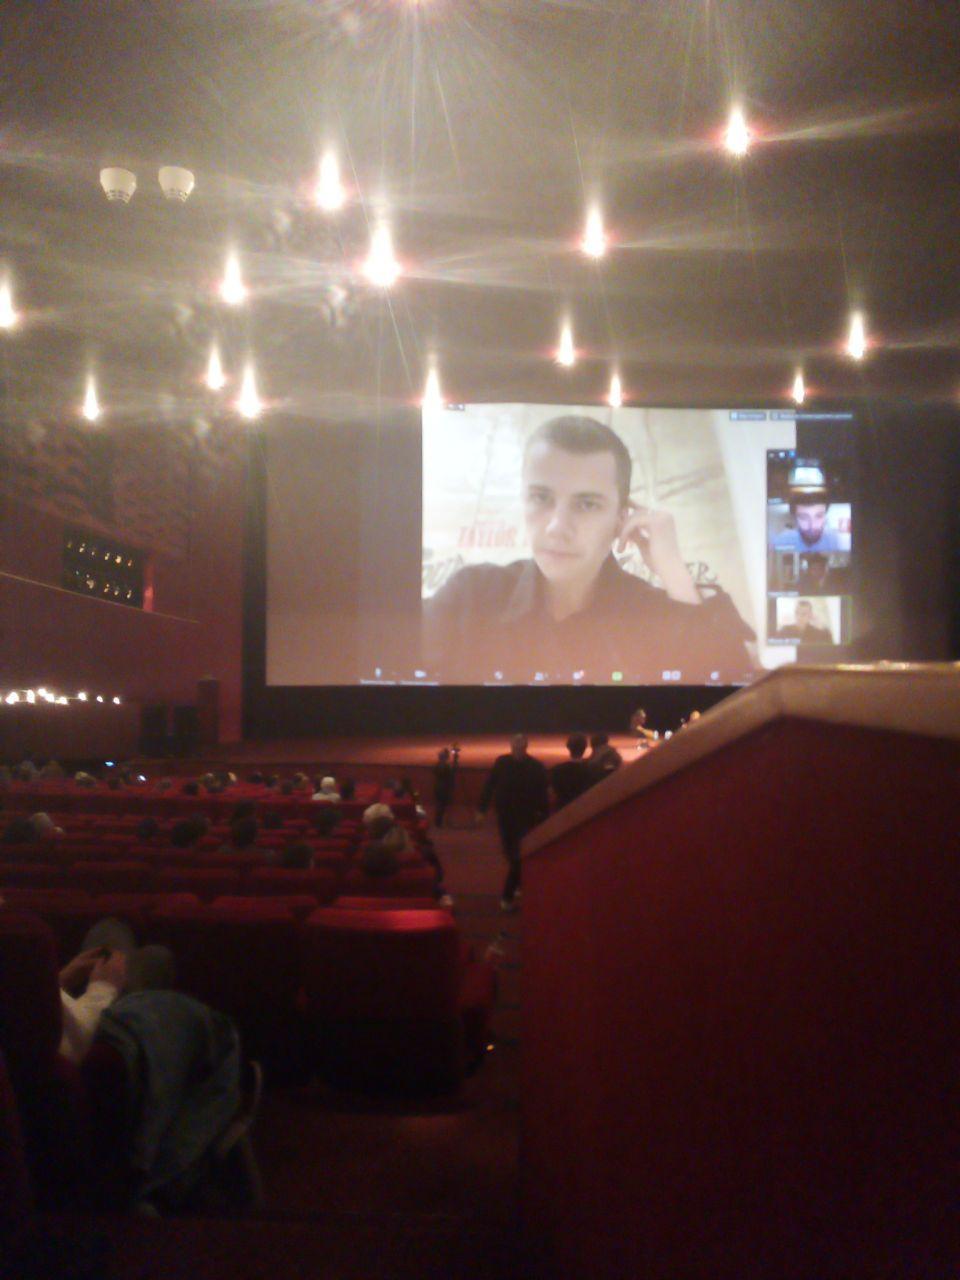 11 октября, КАРО, ZOOM. Крупно на экране —Феликс Лефевр. Снято из под полы, не обессудьте